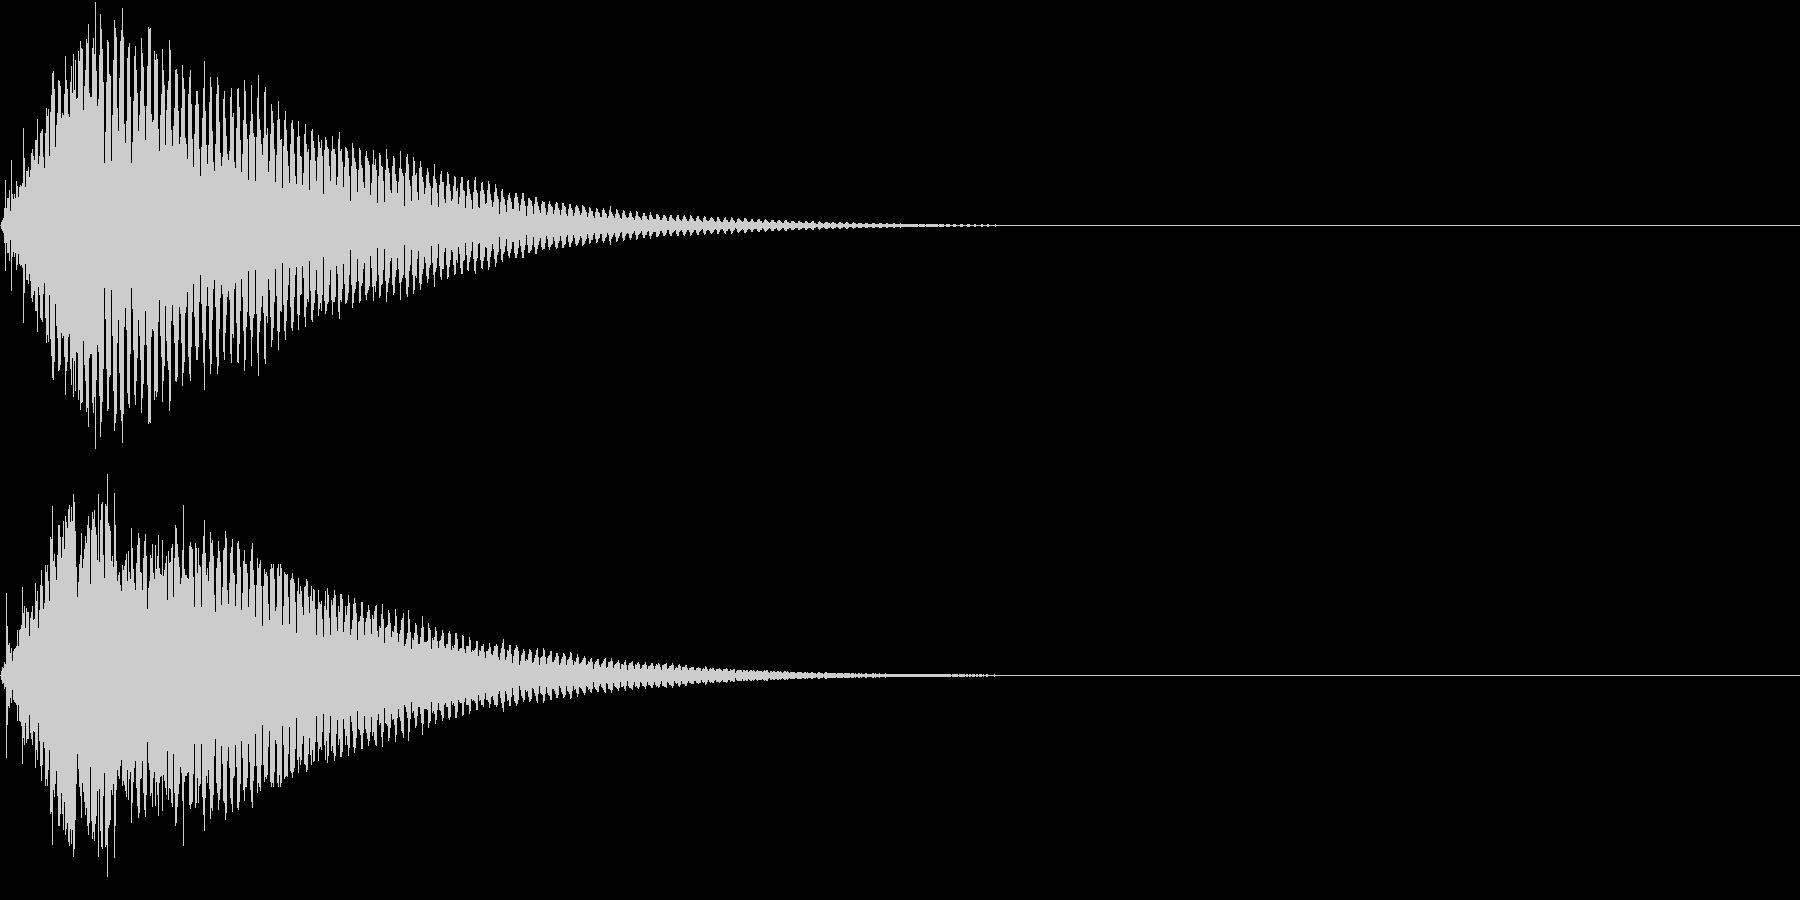 キュイン ボタン ピキーン キーン 5の未再生の波形